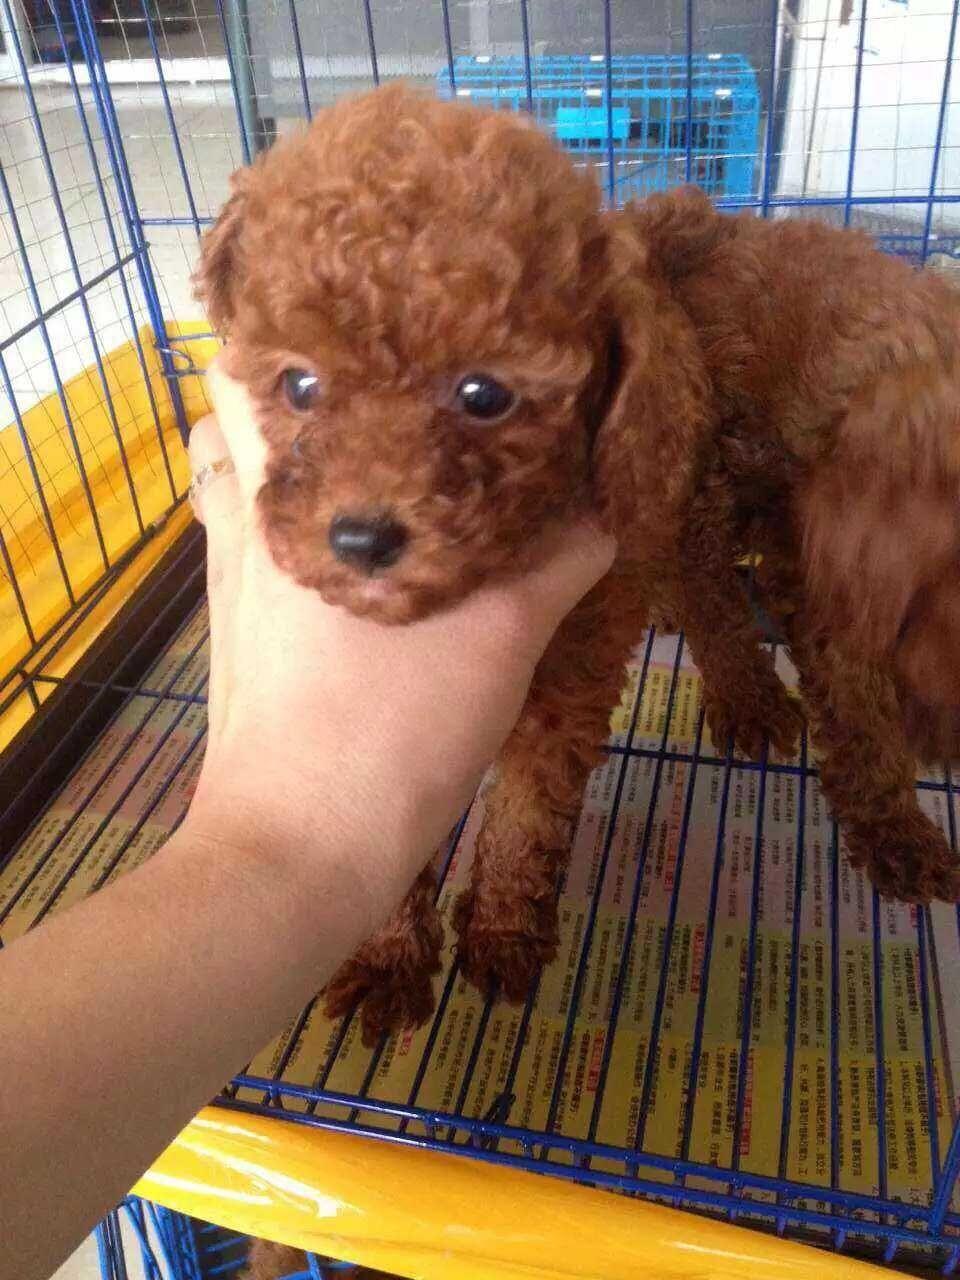 成都专业繁殖纯种泰迪幼犬可送货上门签协议保健康12